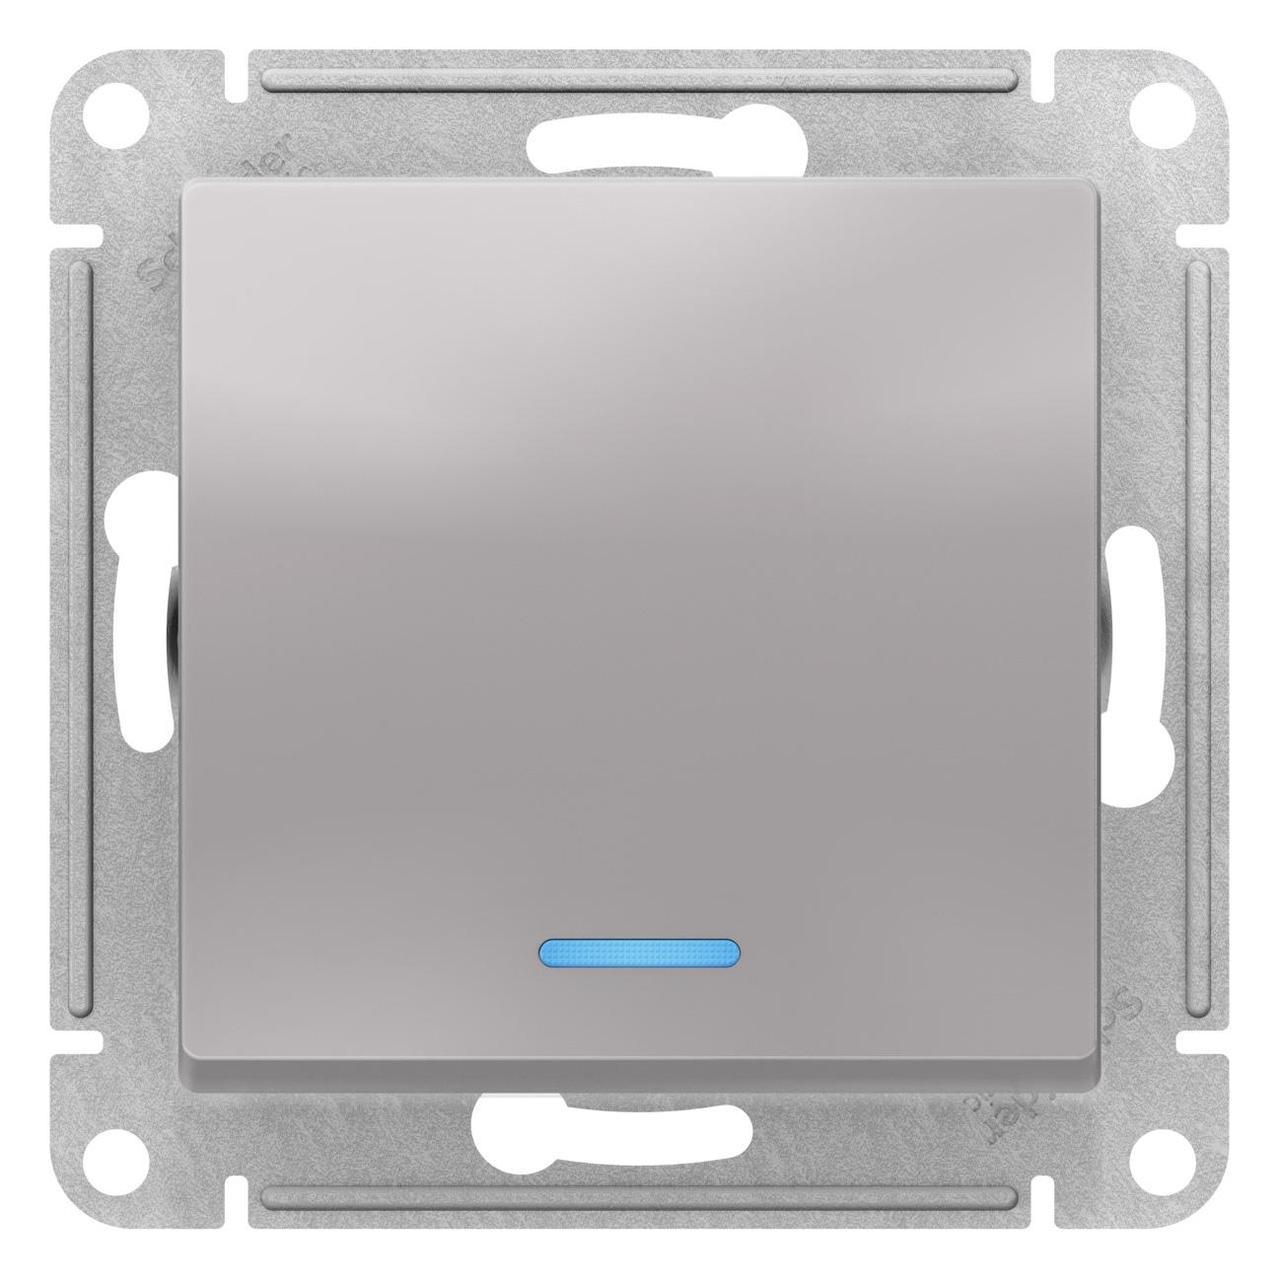 Выключатель 1-клавишный ,проходной с индикацией (с двух мест) , Алюминий, серия Atlas Design, Schneider